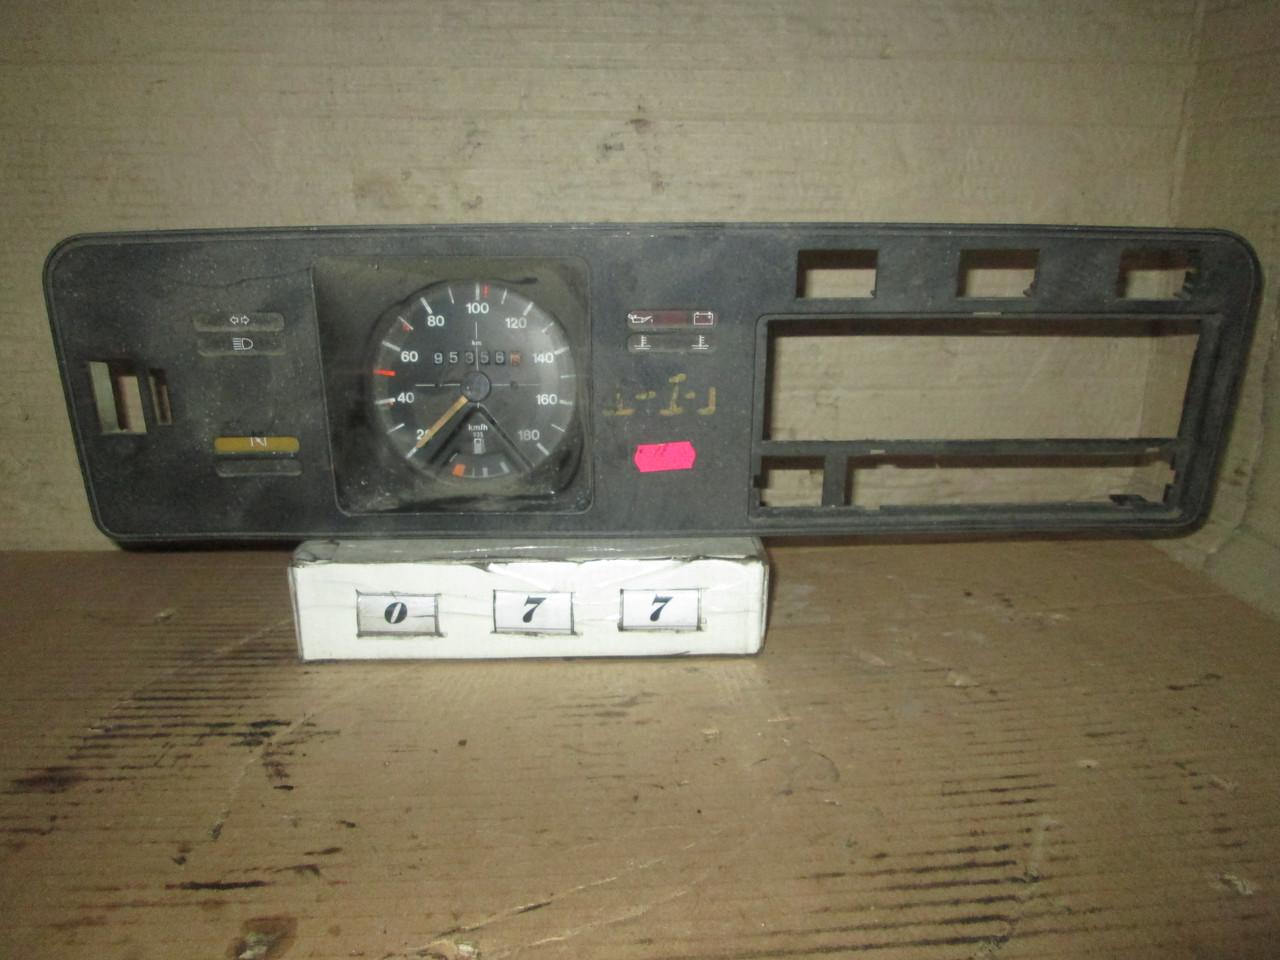 №77 Б/у Панель приладів/спідометр 935 для VW Golf I 1974-1983